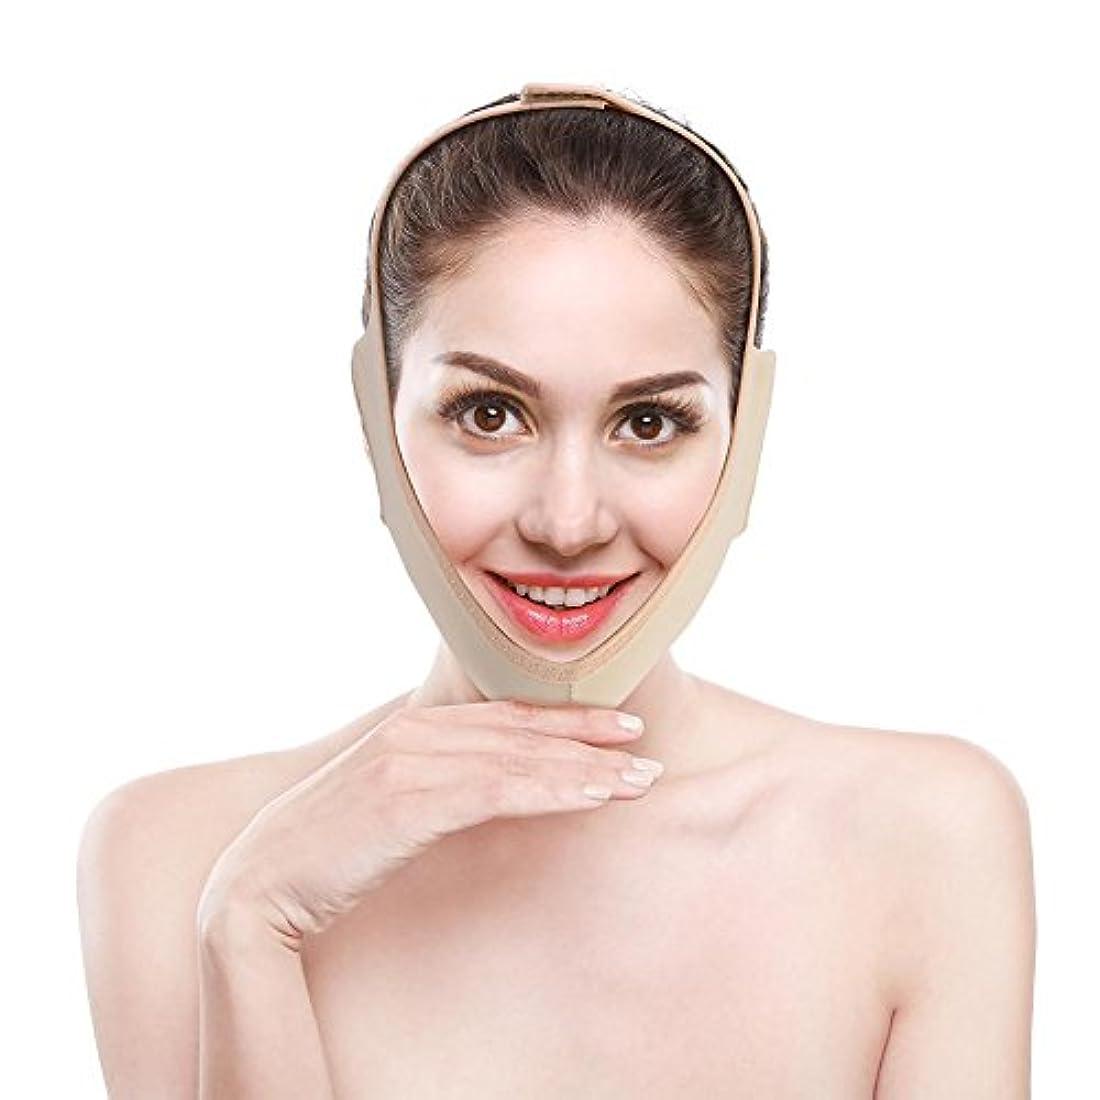 マーキー今後降ろす顔の輪郭を改善するVフェイス包帯、フェイスリフト用フェイスマスク、通気性/伸縮性/非変形性(M)